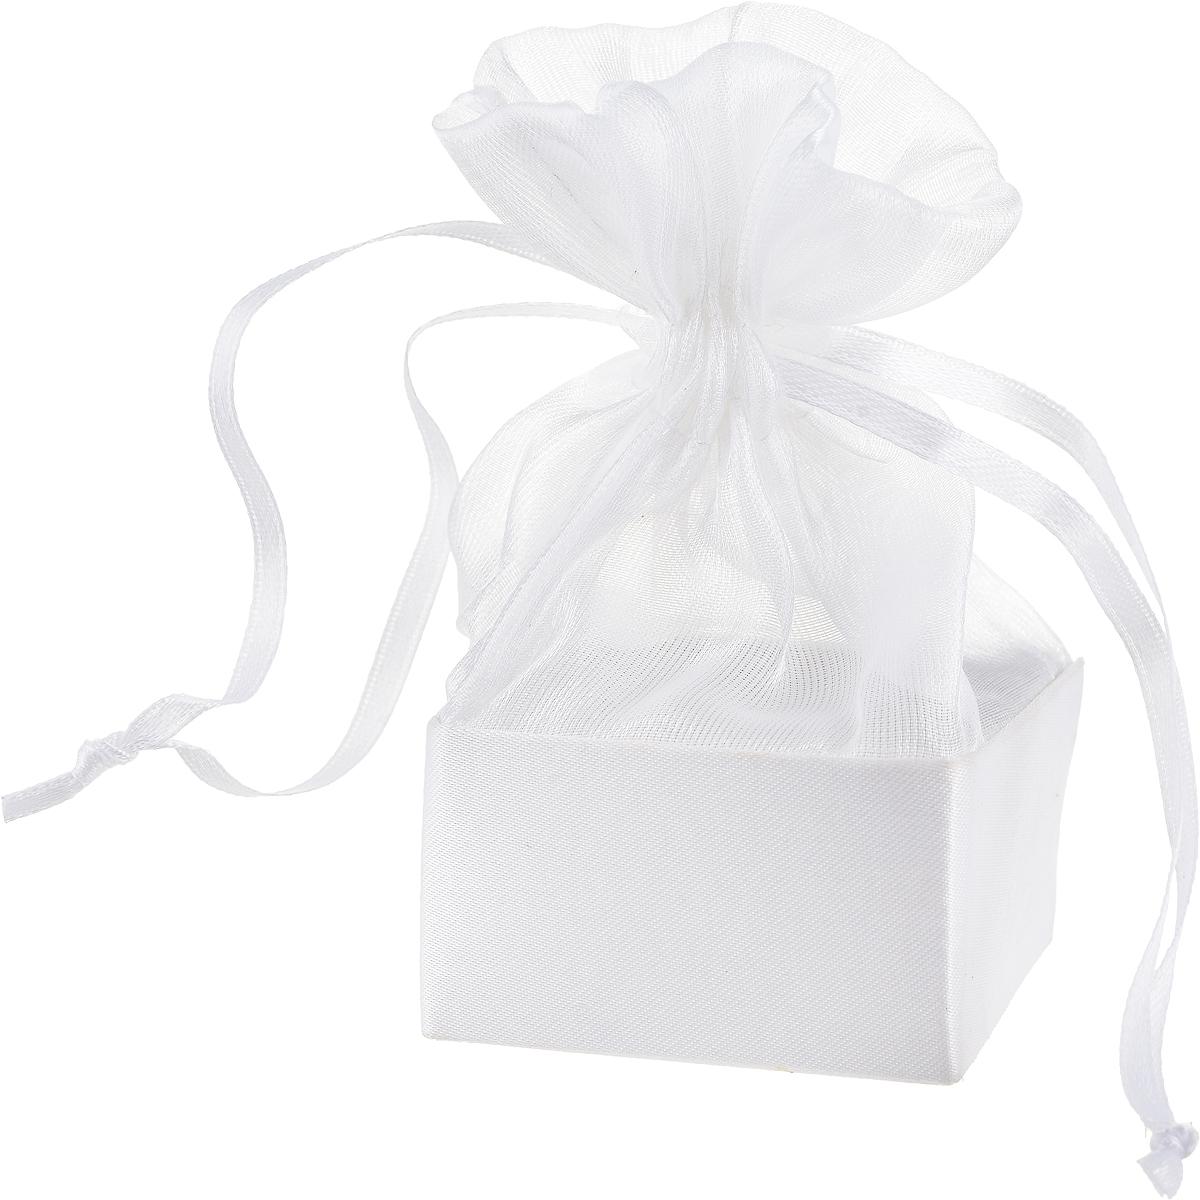 Коробочка для подарка Piovaccari Тиффани, цвет: белый, 5 х 5 х 11 см1898XP 01Коробочка для подарка Piovaccari Тиффани выполнена в виде мешочка, который затягивается и завязывается лентой. Основание коробки изготовлено из твердого картона и обтянуто органзой. Коробочка Piovaccari Тиффани станет одним из самых оригинальных вариантов упаковки для подарка. Яркий дизайн будет долго напоминать владельцу о трогательных моментах получения подарка.